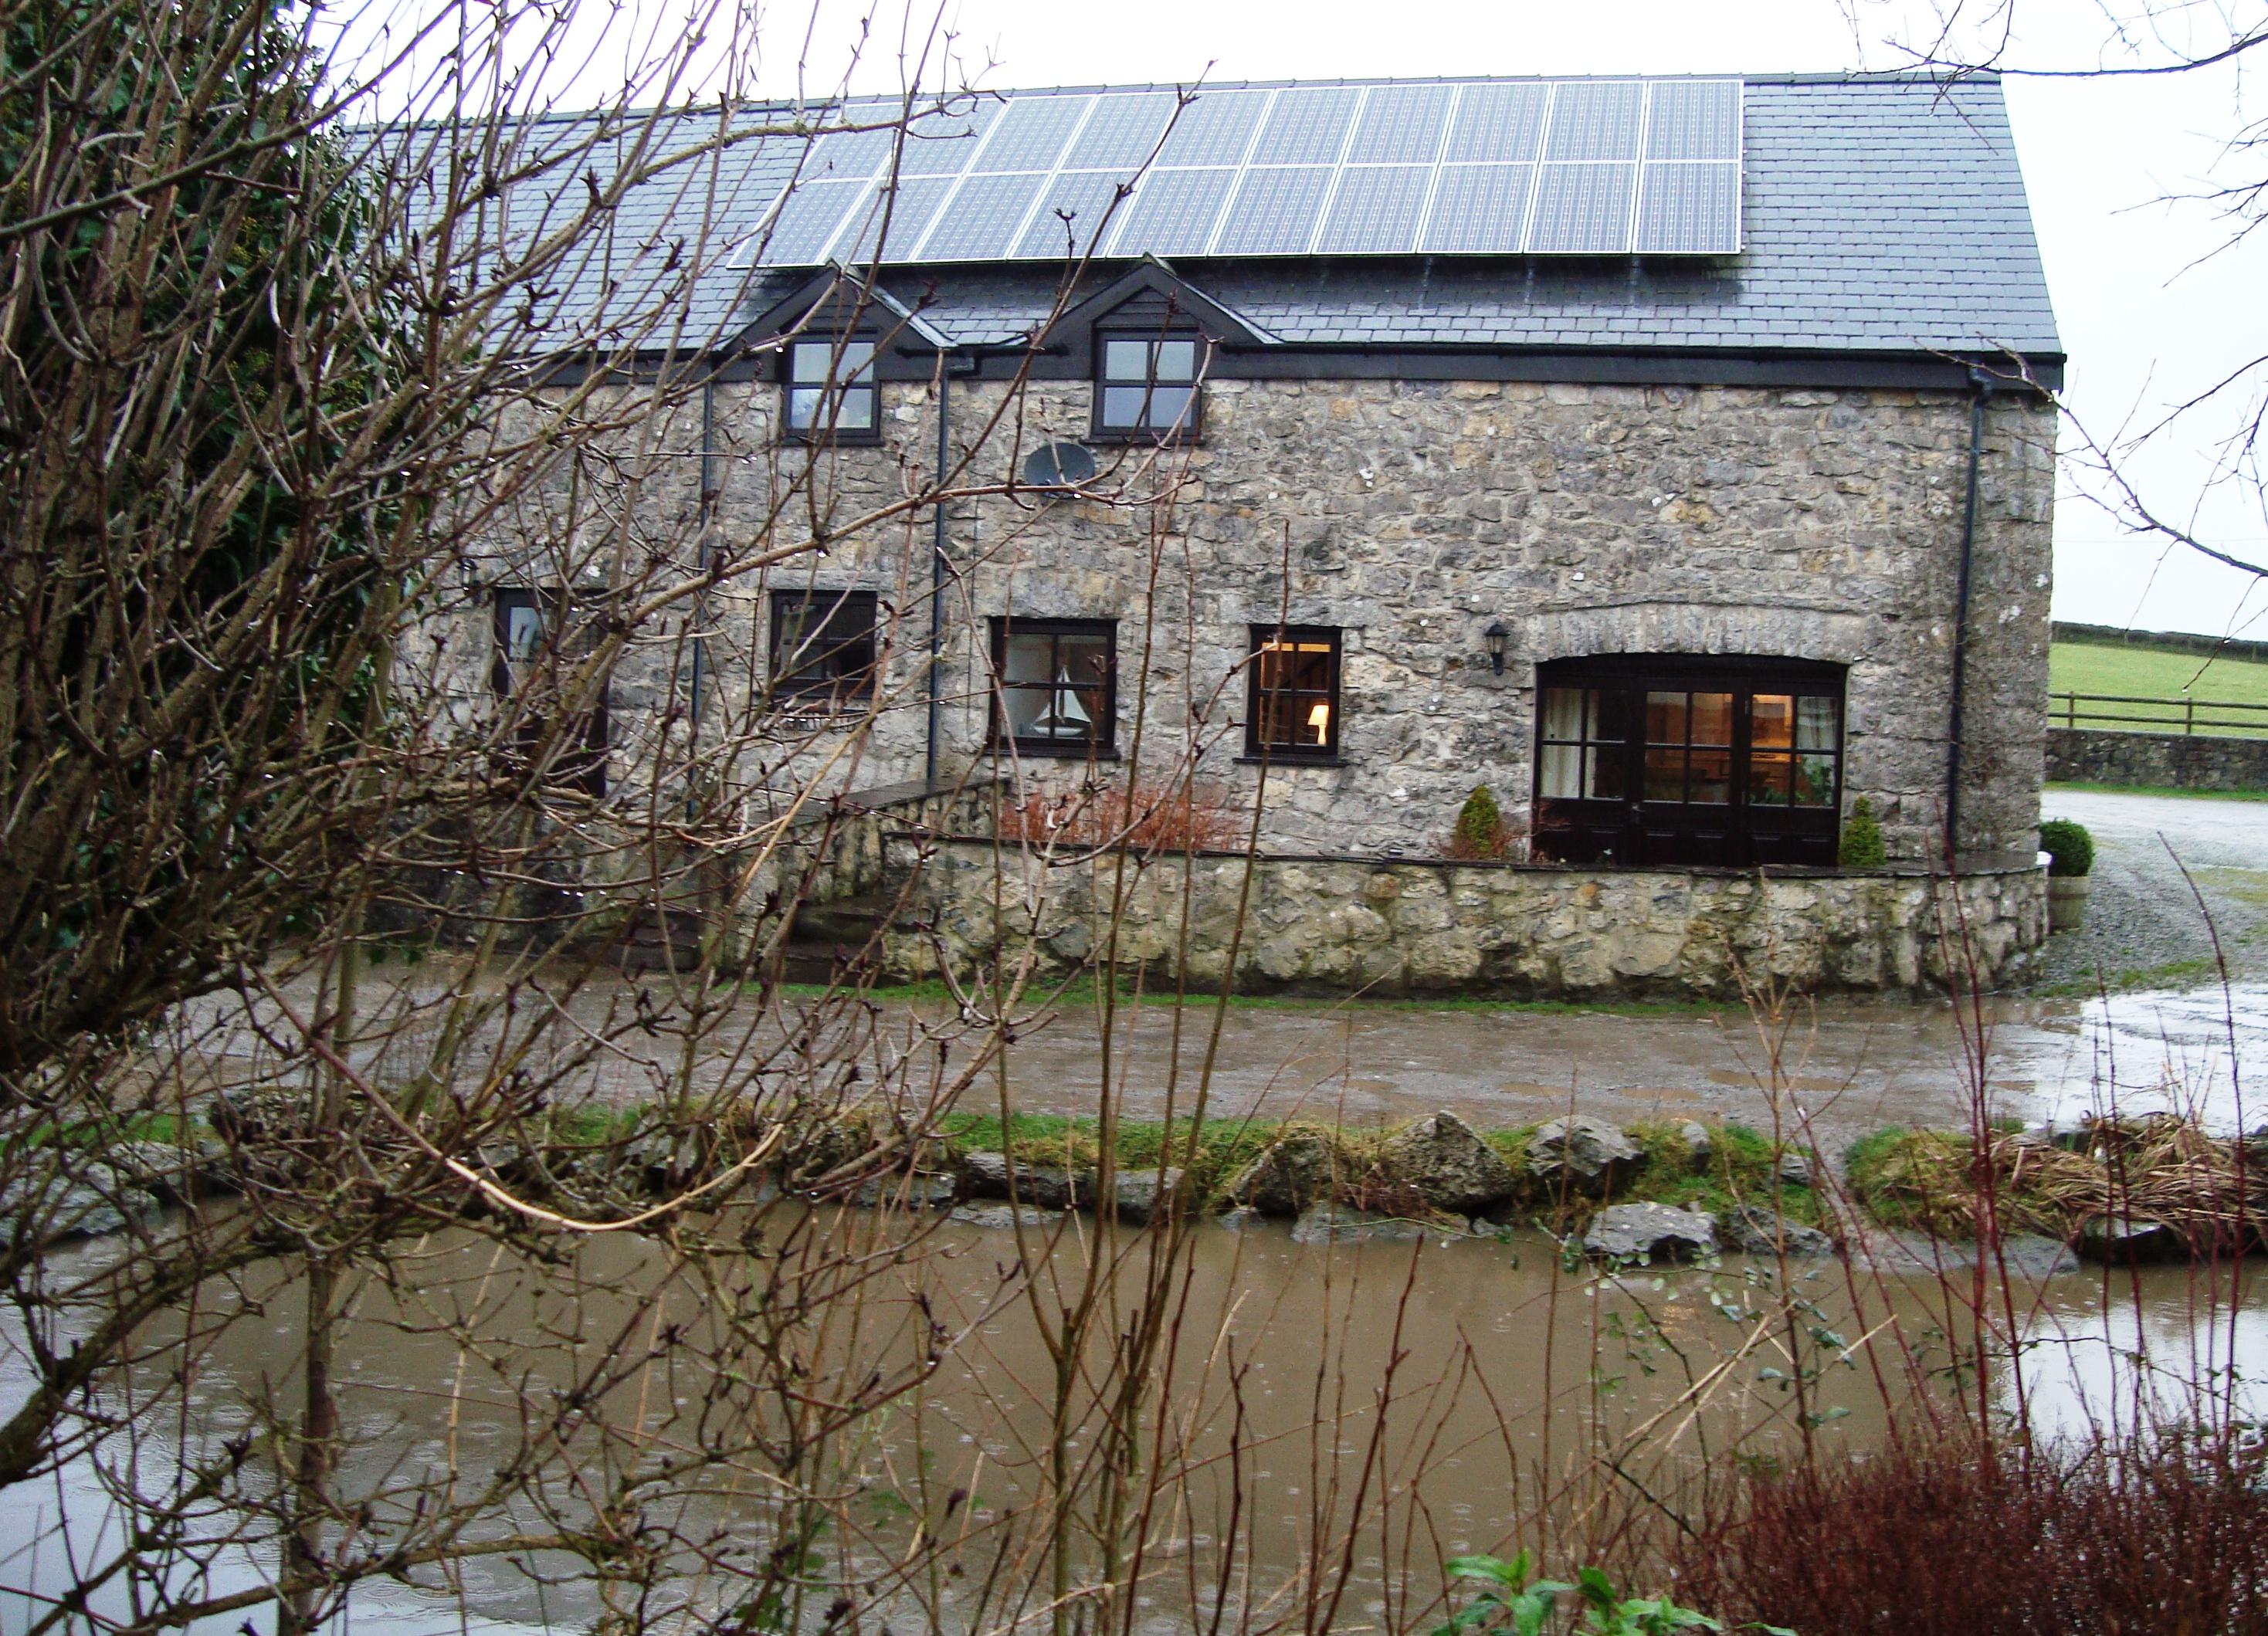 Y Stabal, Parc – Yr – Odyn, Pentreath, Anglesey. LL75 8UL